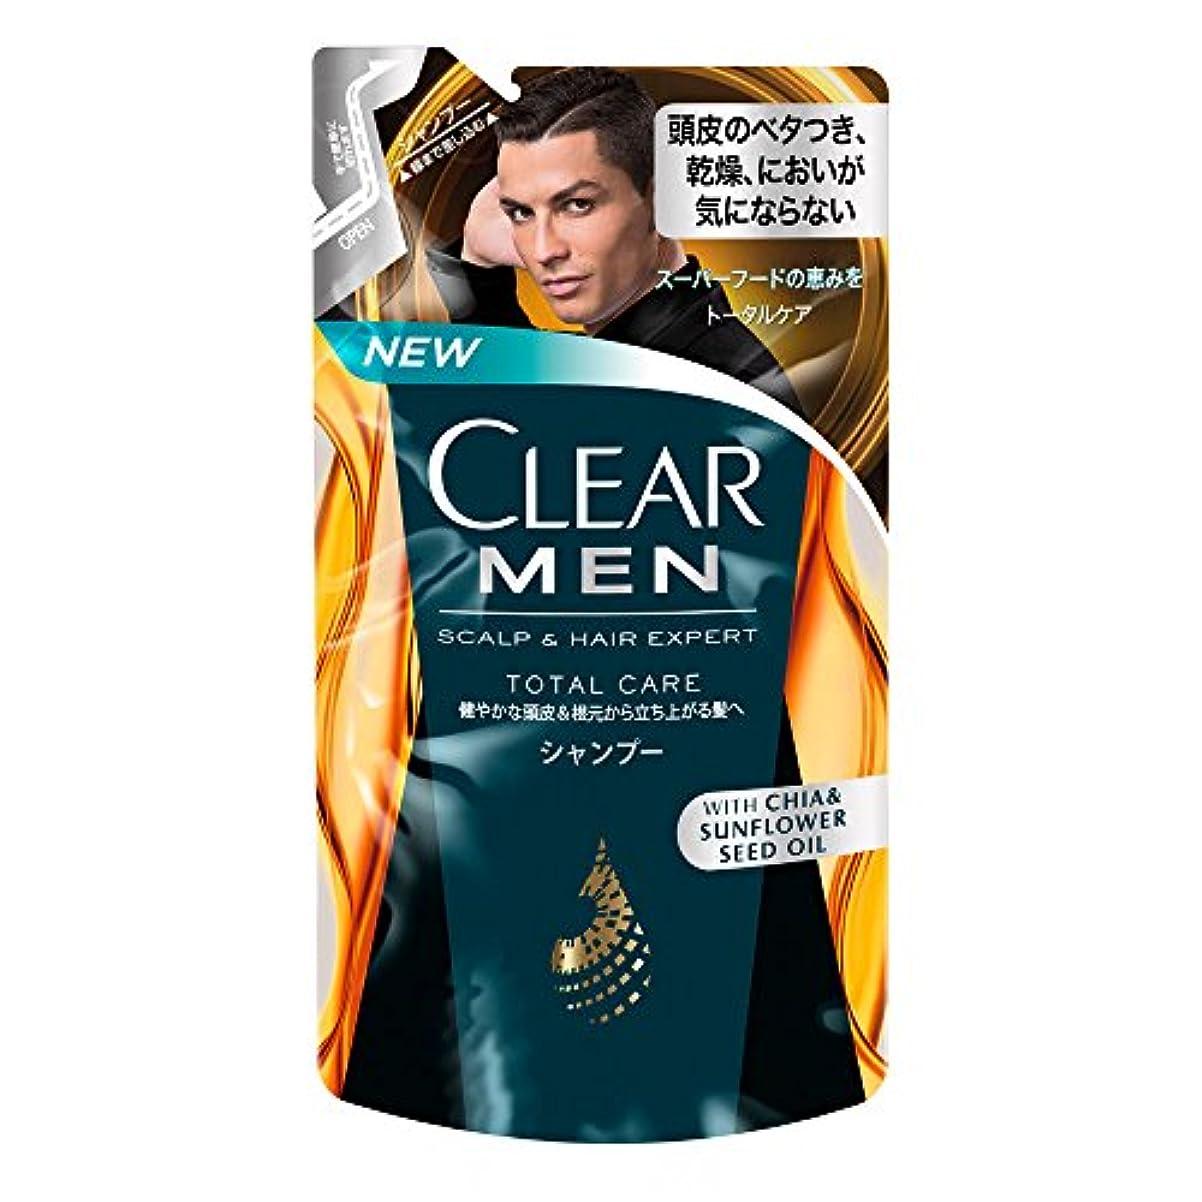 能力嫌悪嫌いクリア フォーメン トータルケア 男性用シャンプー つめかえ用 (健やかな頭皮へ) 280g